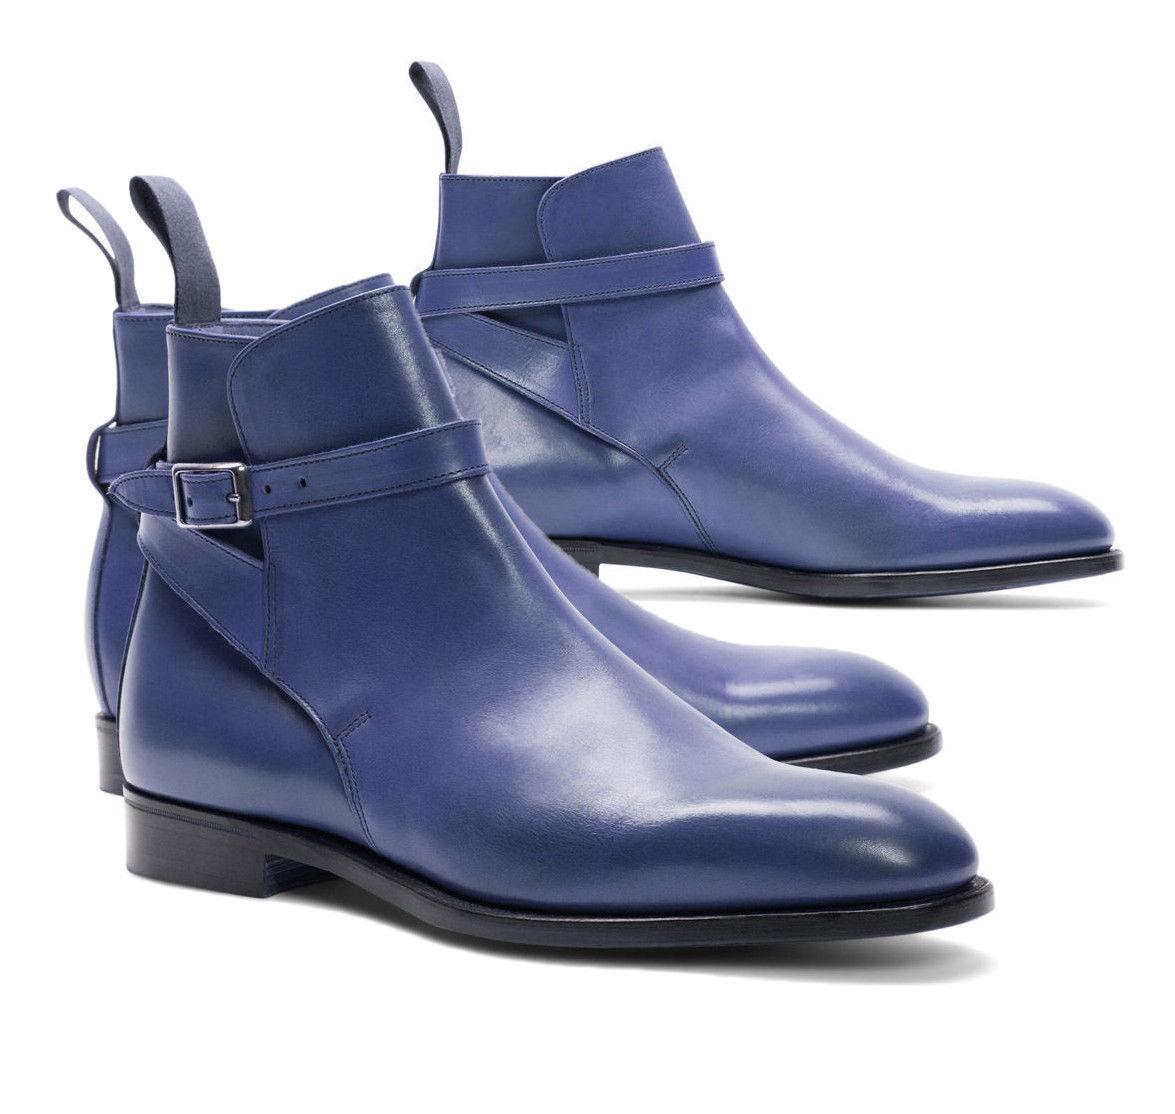 Hombres Fatto Fatto Fatto A Mano Pelle zapatos azul Jodhpurs Alto Caviglia botas 78fb17